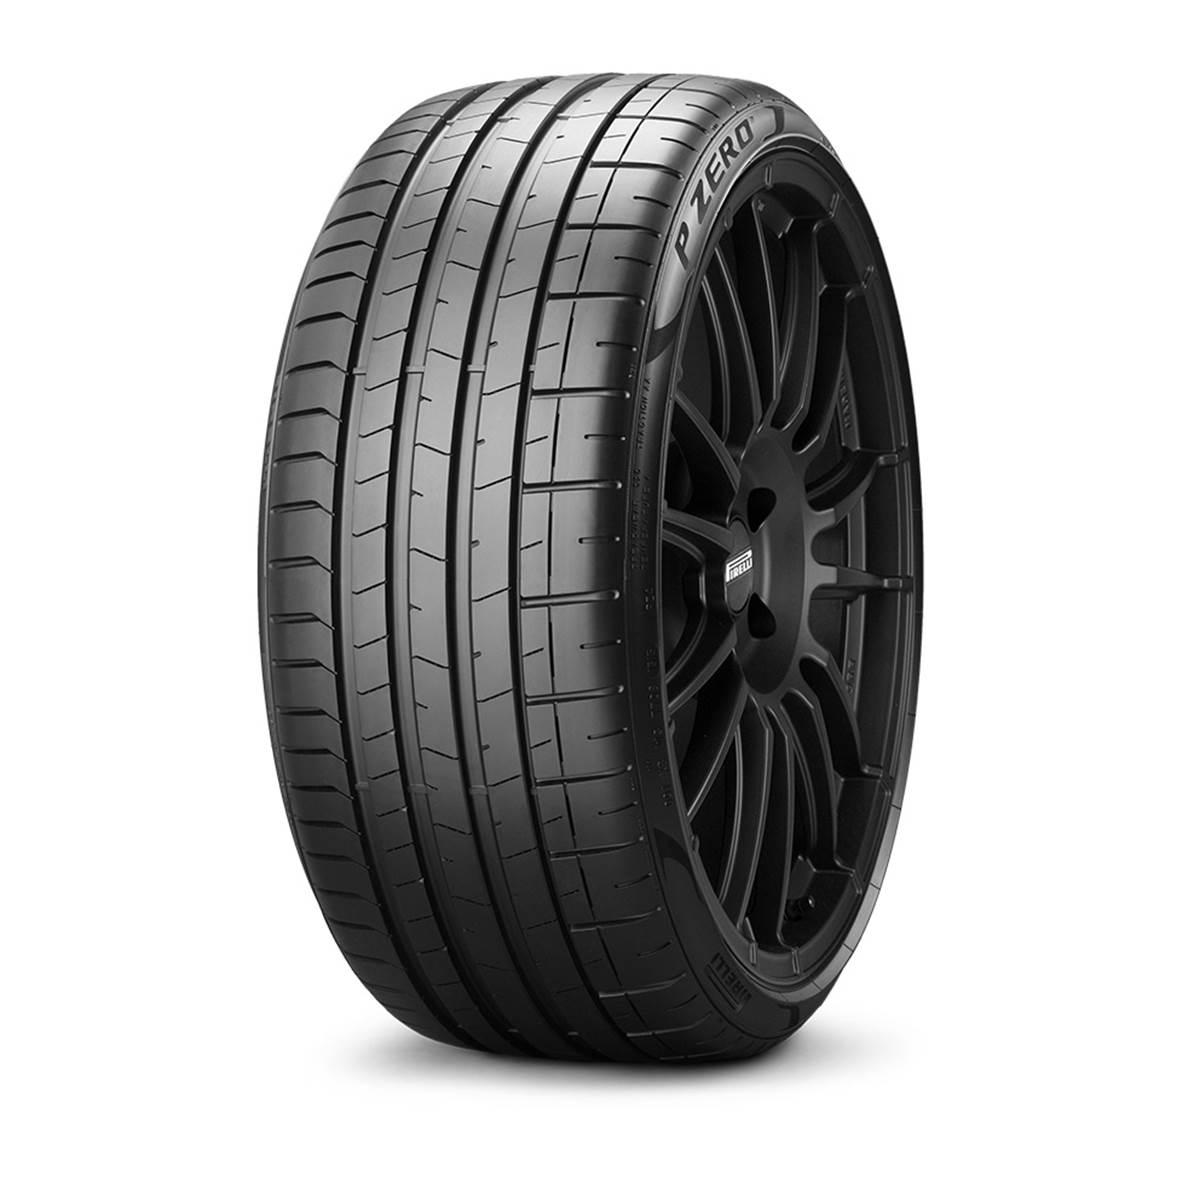 Pneu 4X4 Pirelli 295/40R20 106Y Pzero